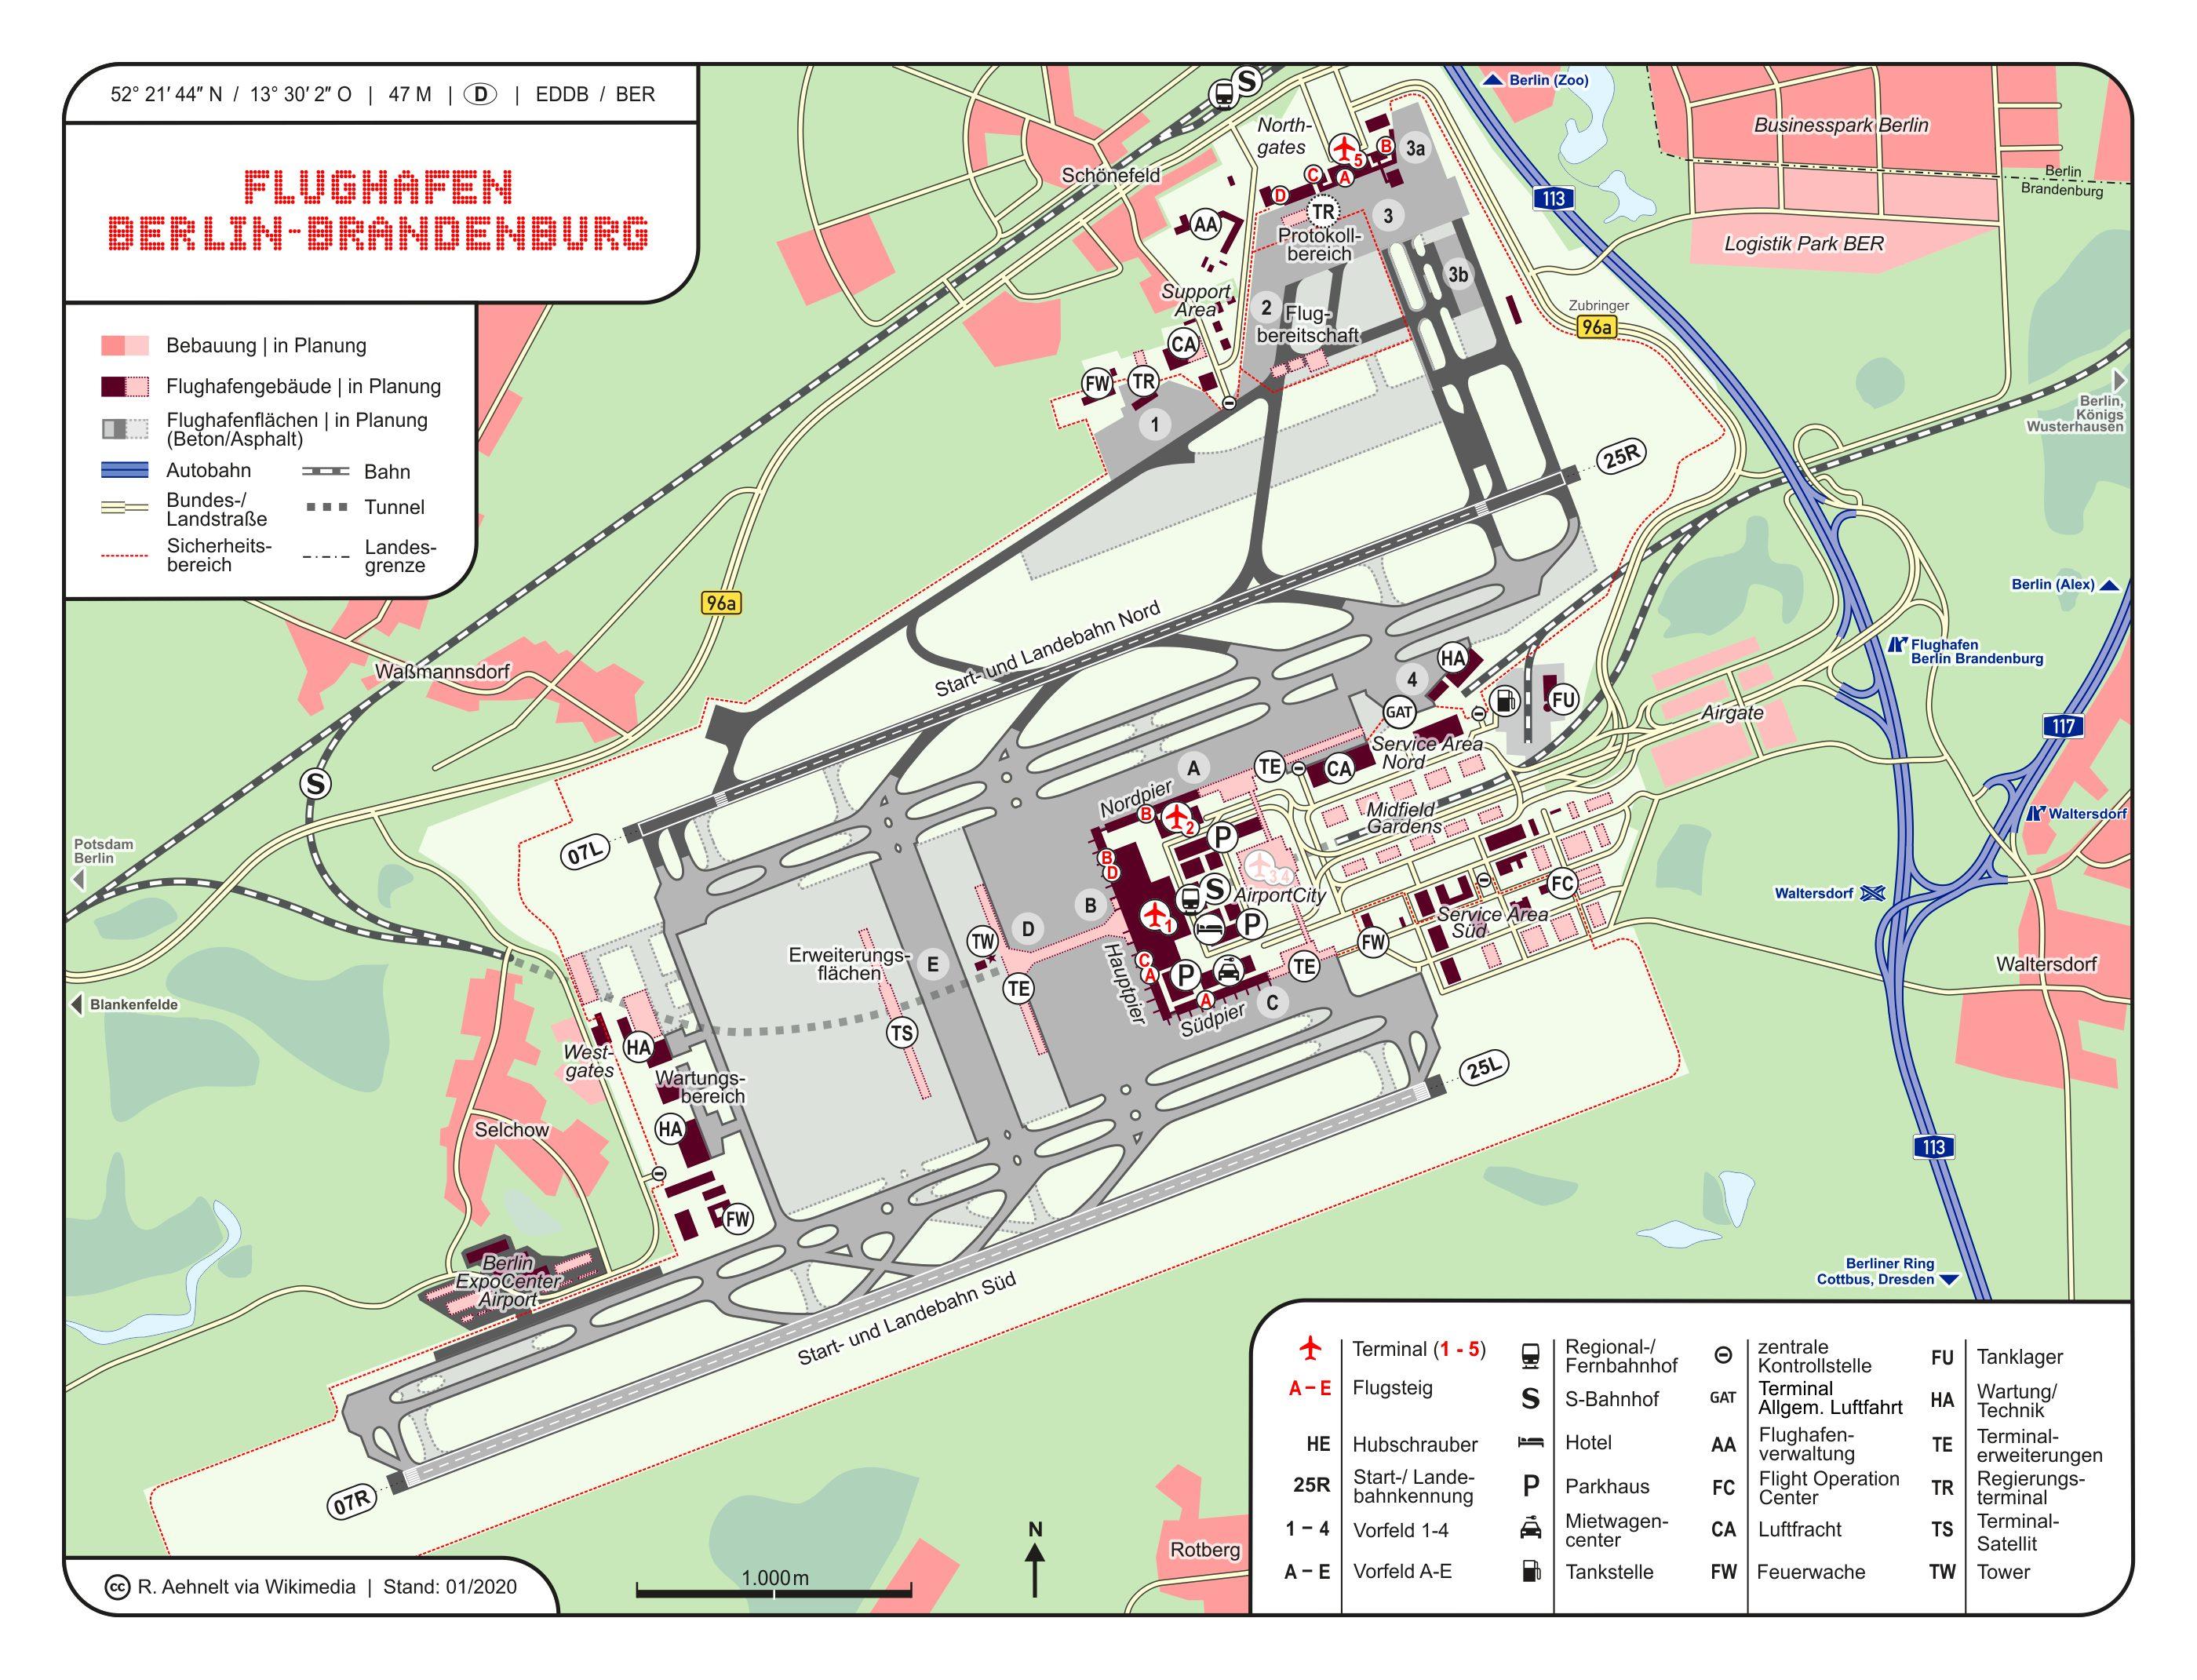 ベルリン・ブランデンブルク空港(BER)が遂にオープン